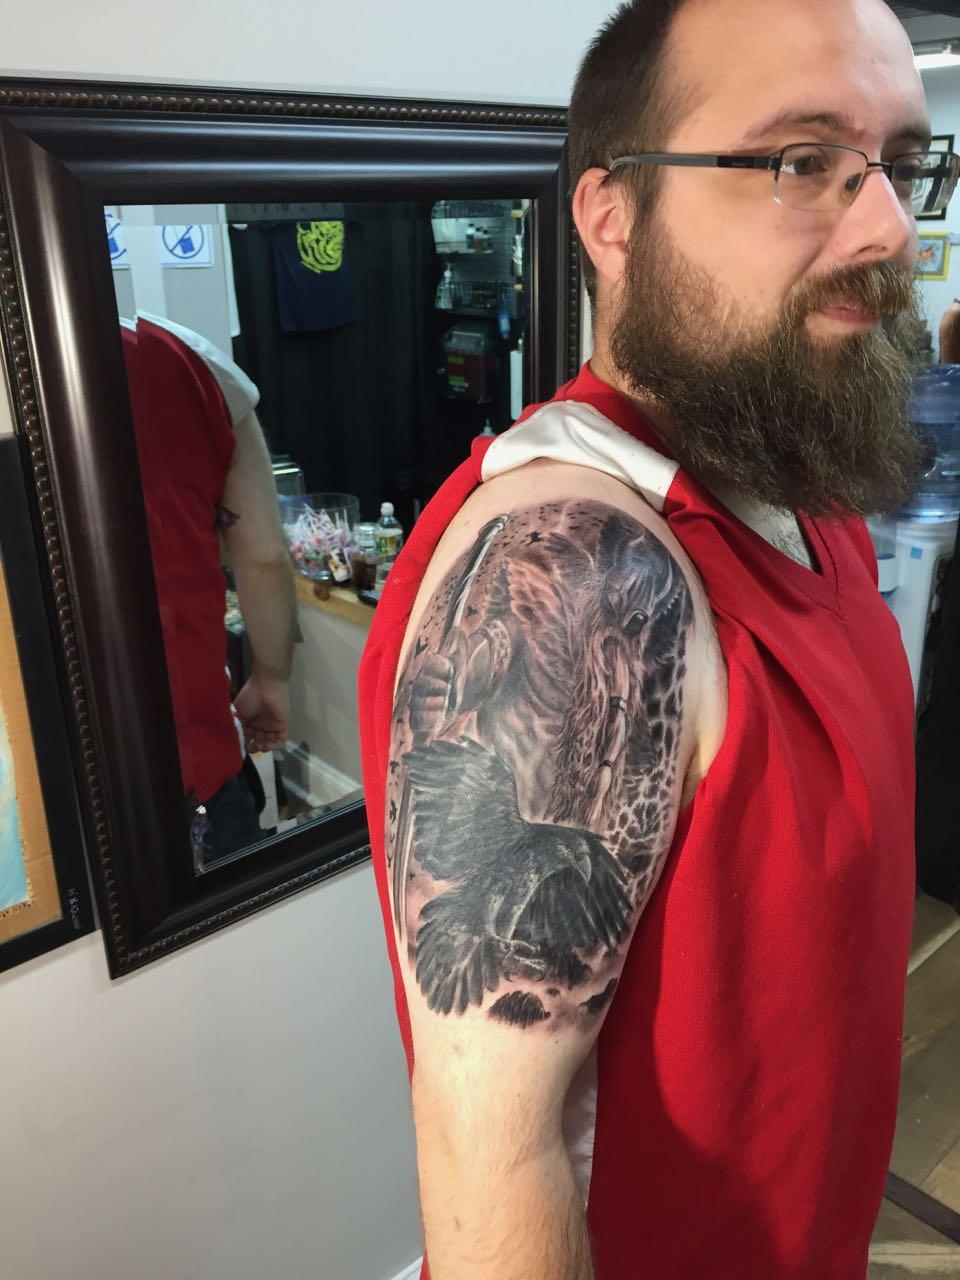 jesse_fowler_tattooer_2019 - 3 (3).jpg